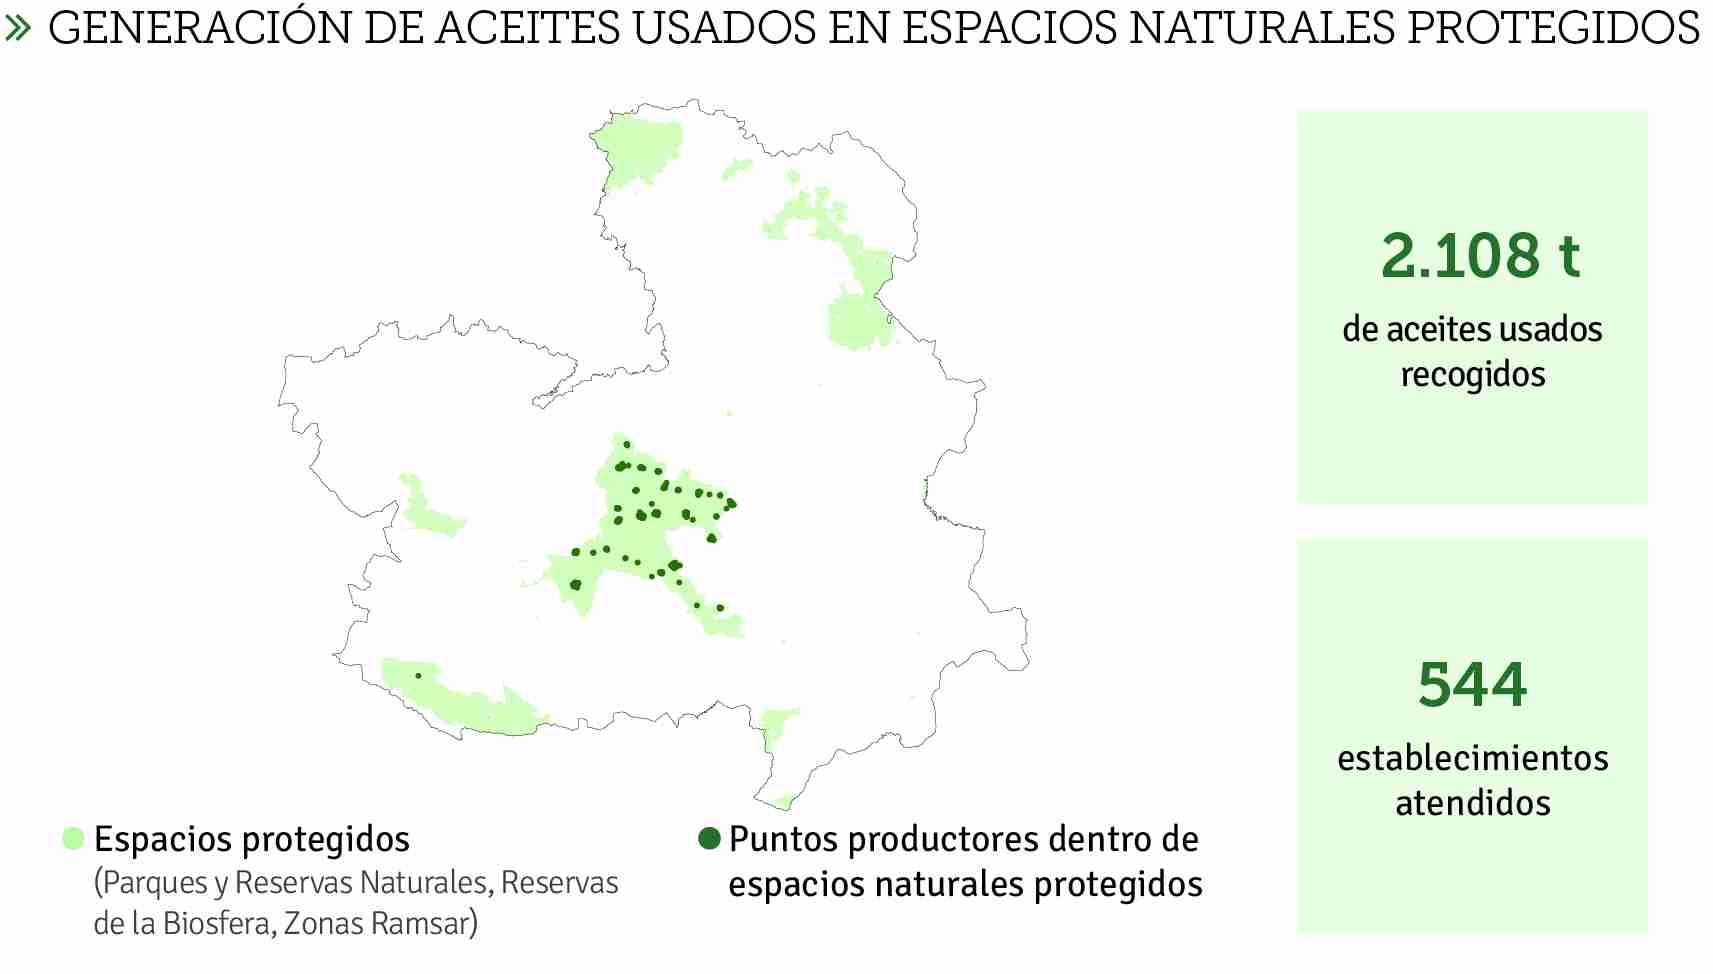 Castilla-La Mancha recicla 8 millones de litros de aceite usados 5